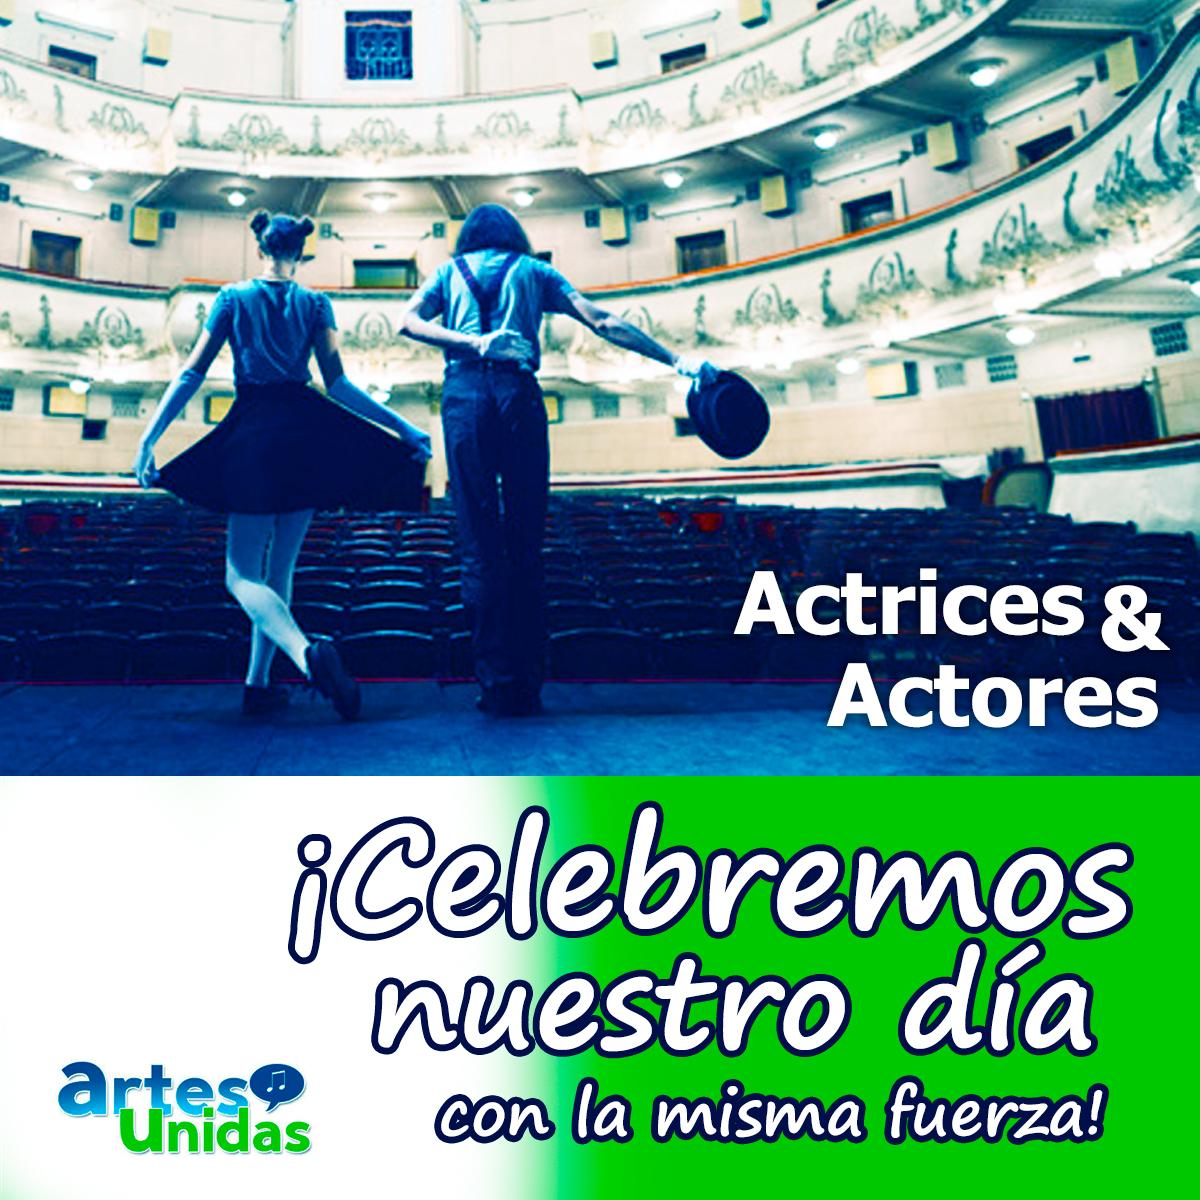 Feliz Día del Actor - ¡Celebremos nuestro día con la misma fuerza! - ArtesUnidas.com